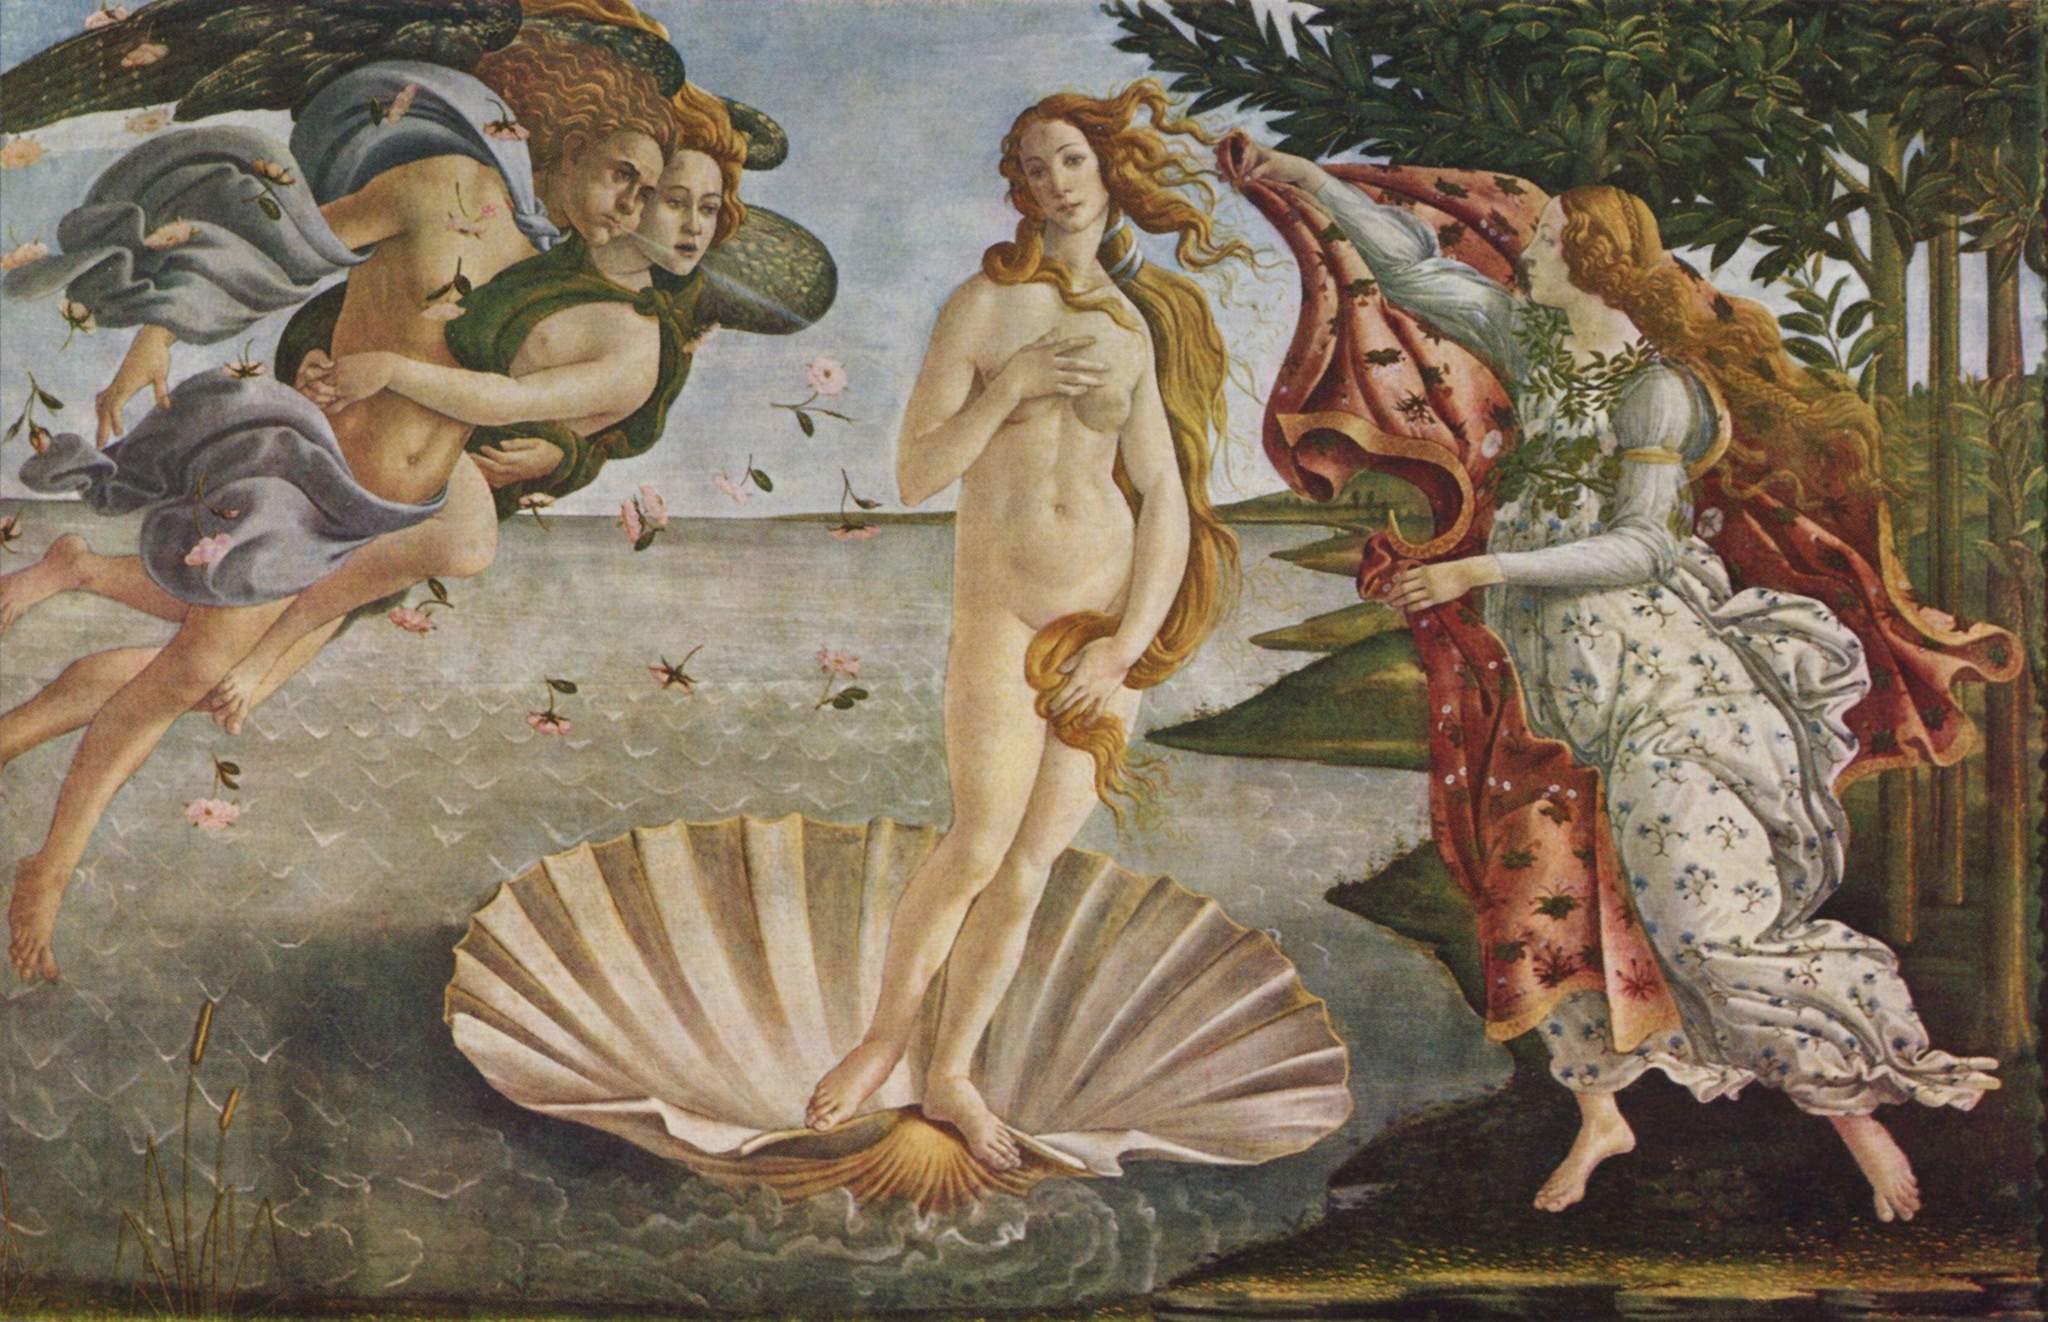 Venus-Botticelli